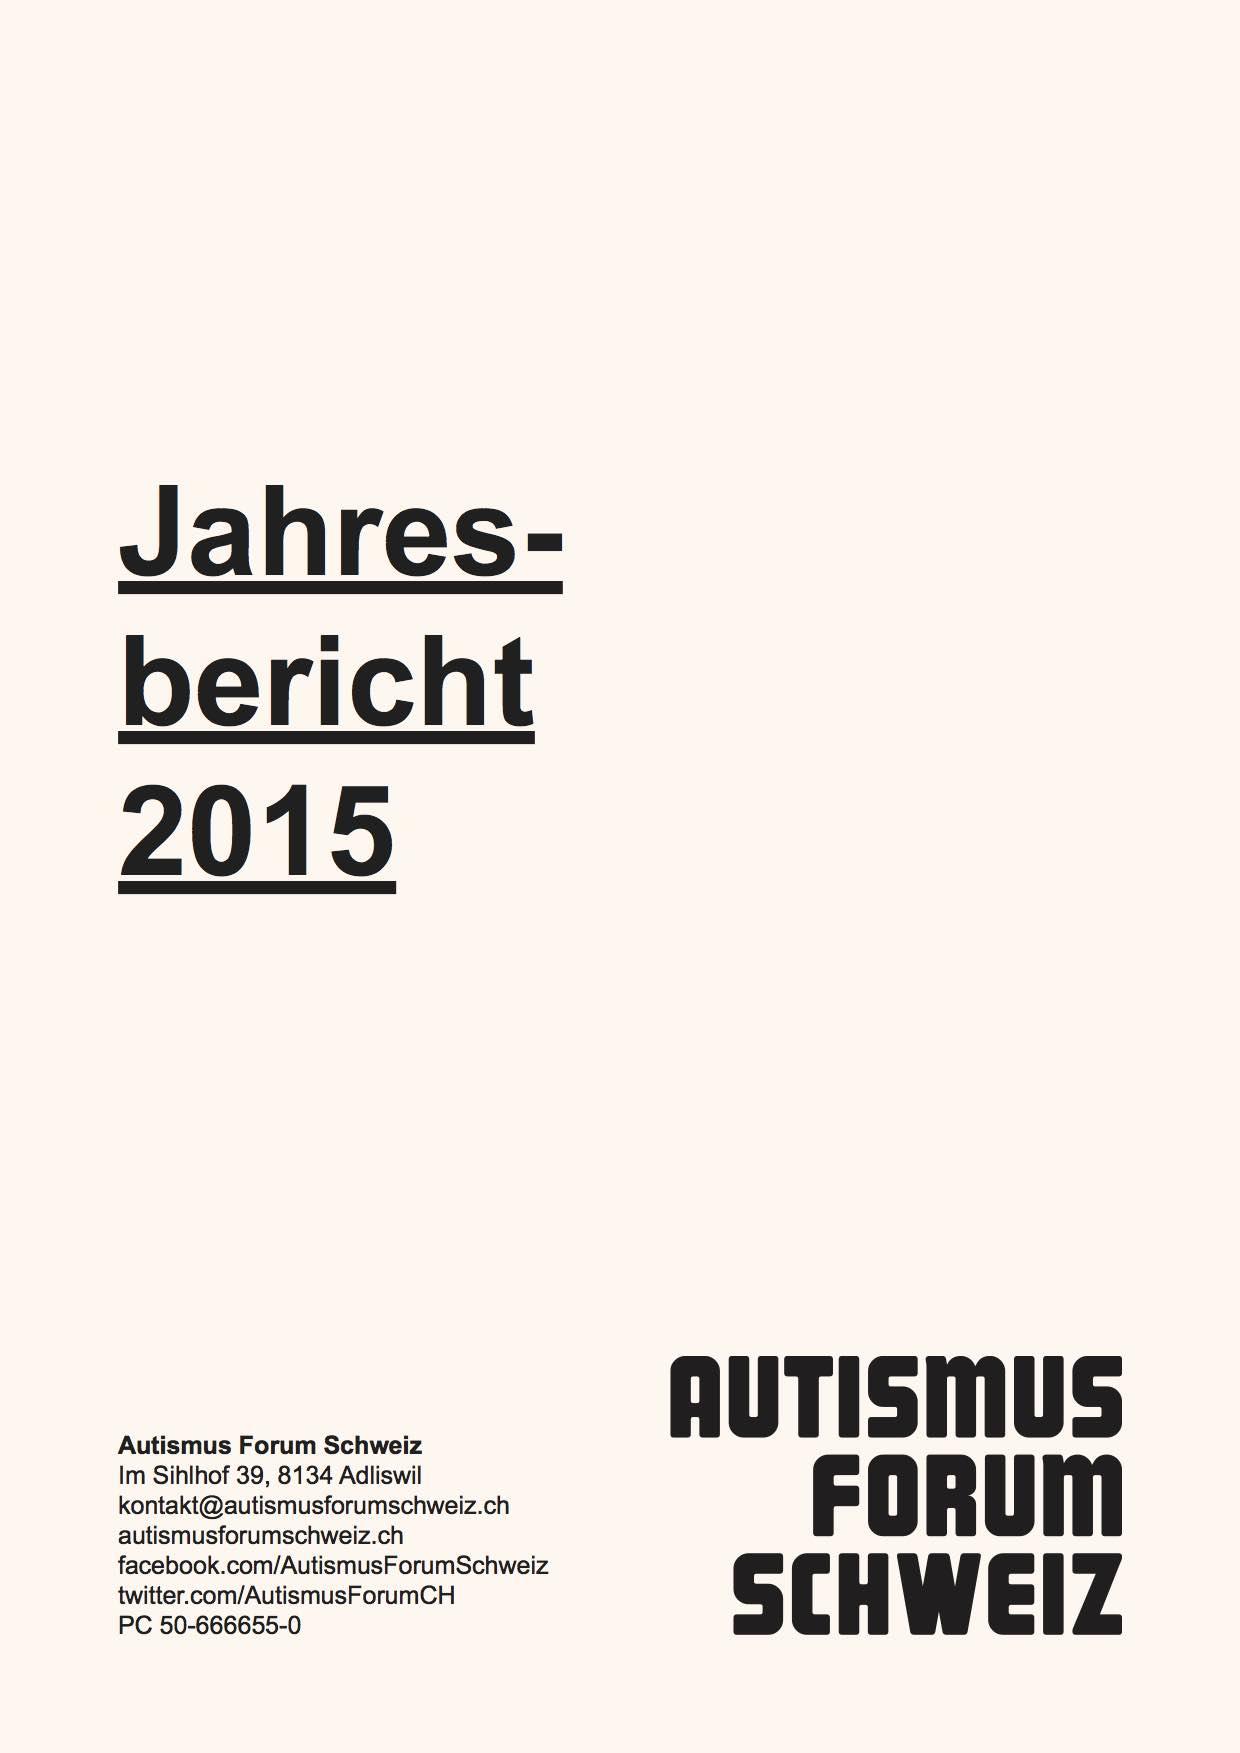 AFS_Jahresbericht_2015.jpg